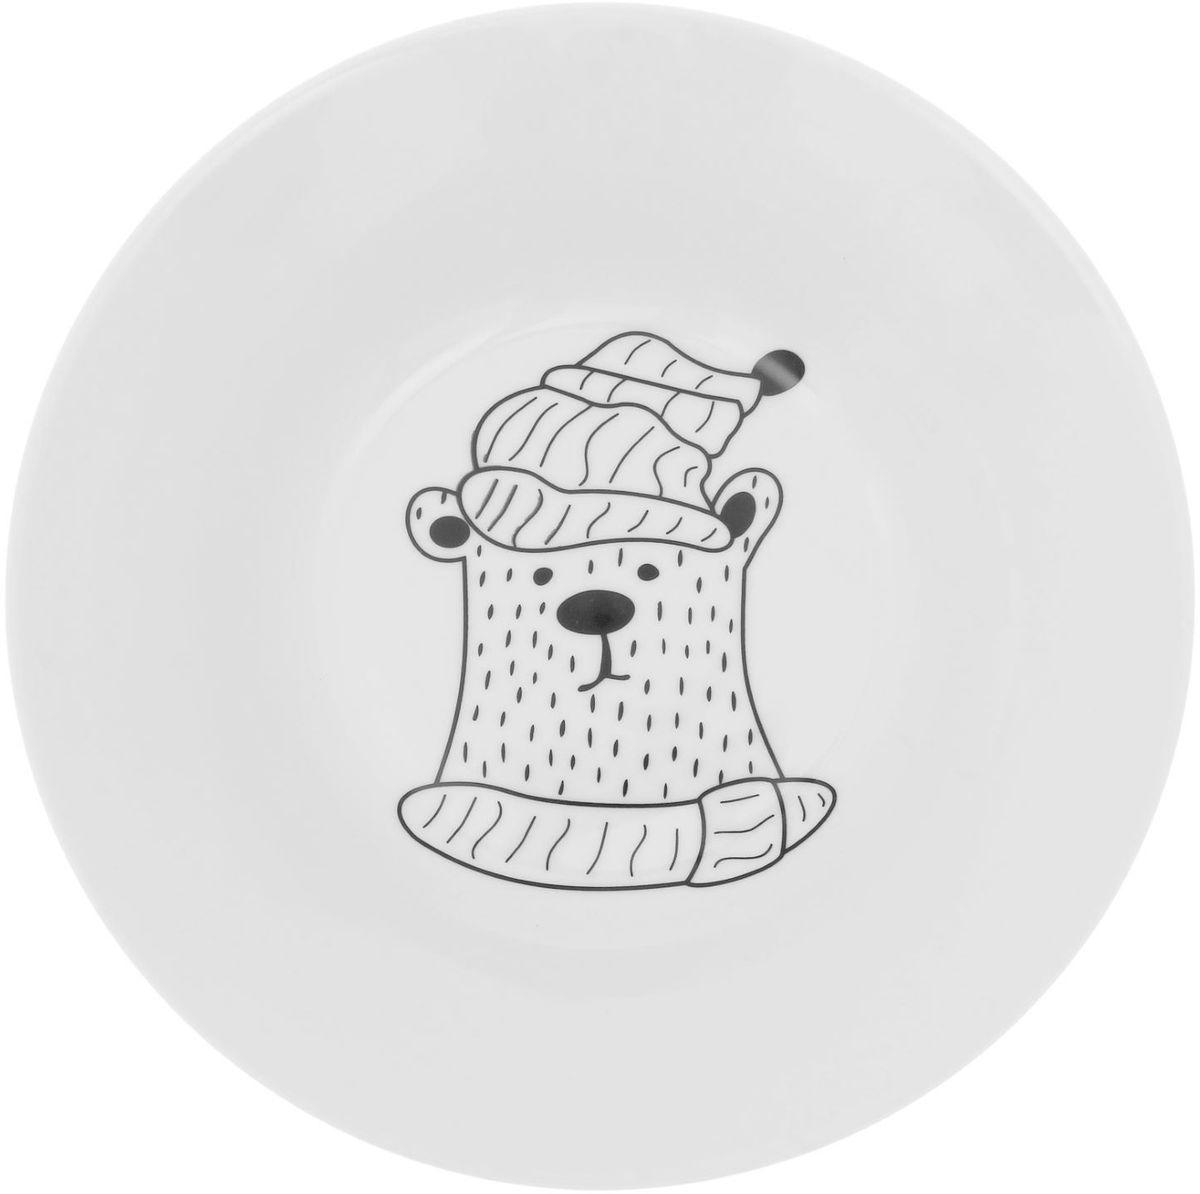 Тарелка глубокая Сотвори чудо Полярный мишка, диаметр 20 см115510Хотите обновить интерьер кухни или гостиной? Устраиваете необычную фотосессию или тематический праздник? А может, просто ищете подарок для близкого человека? Посуда Сотвори Чудо — правильный выбор в любой ситуации. Тарелка Сотвори Чудо, изготовленная из изящного фаянса нежного сливочного цвета, оформлена оригинальным рисунком со стойкой краской. Пригодна для посудомоечной машины.